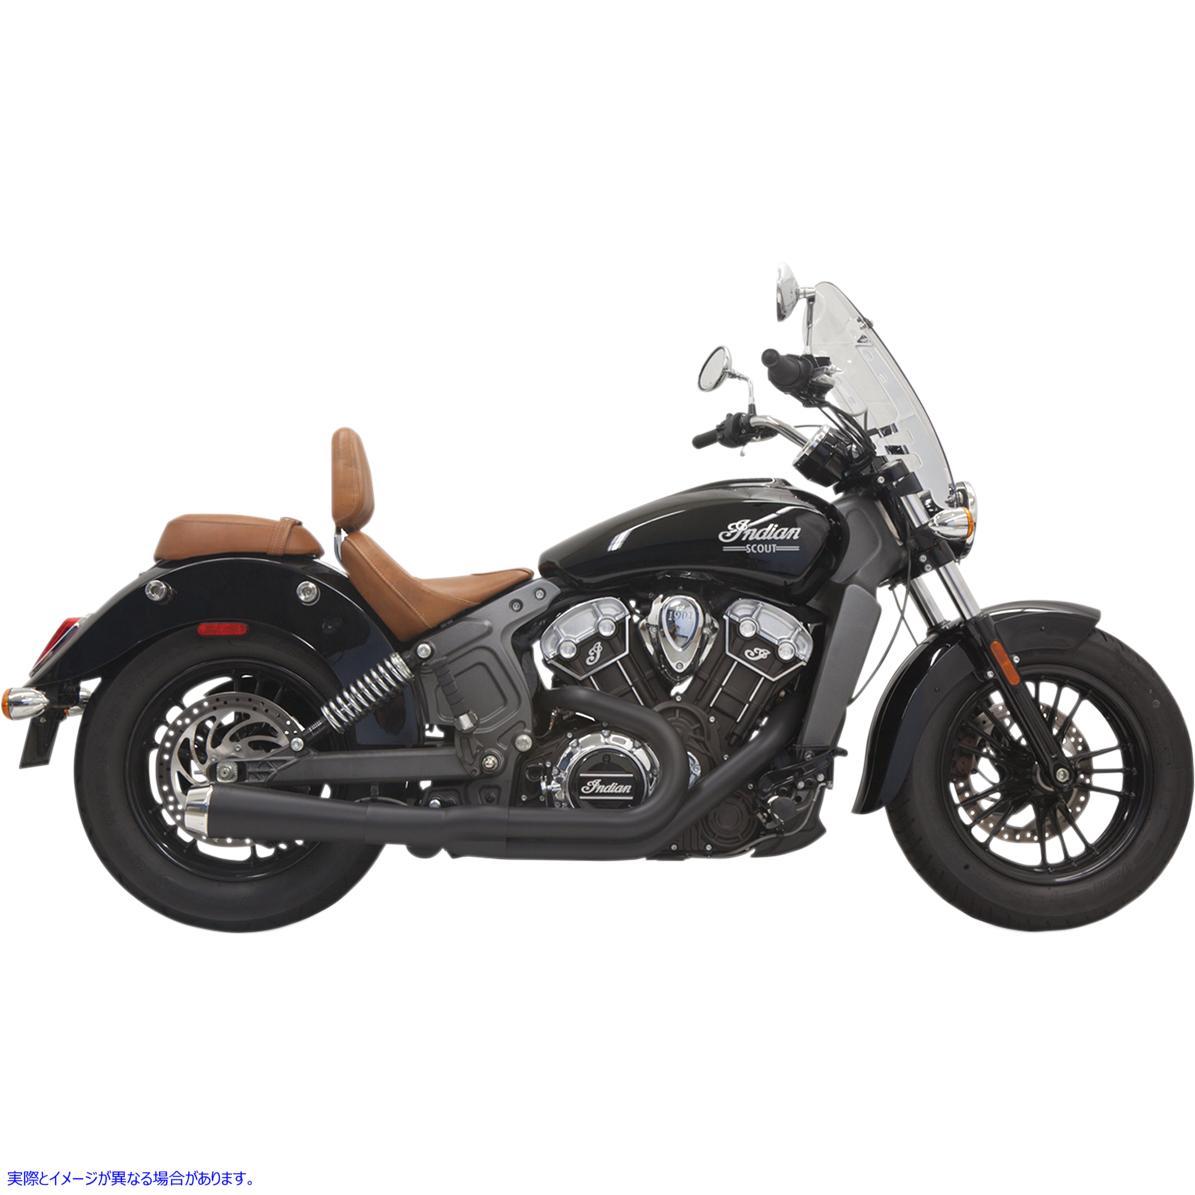 【取寄せ】 8S12JB BASSANI XHAUST 2:1 Exhaust - Black - Short - Scout 18102353 ドラッグスペシャリティーズ 1810-2353 DRAG SPECIALT